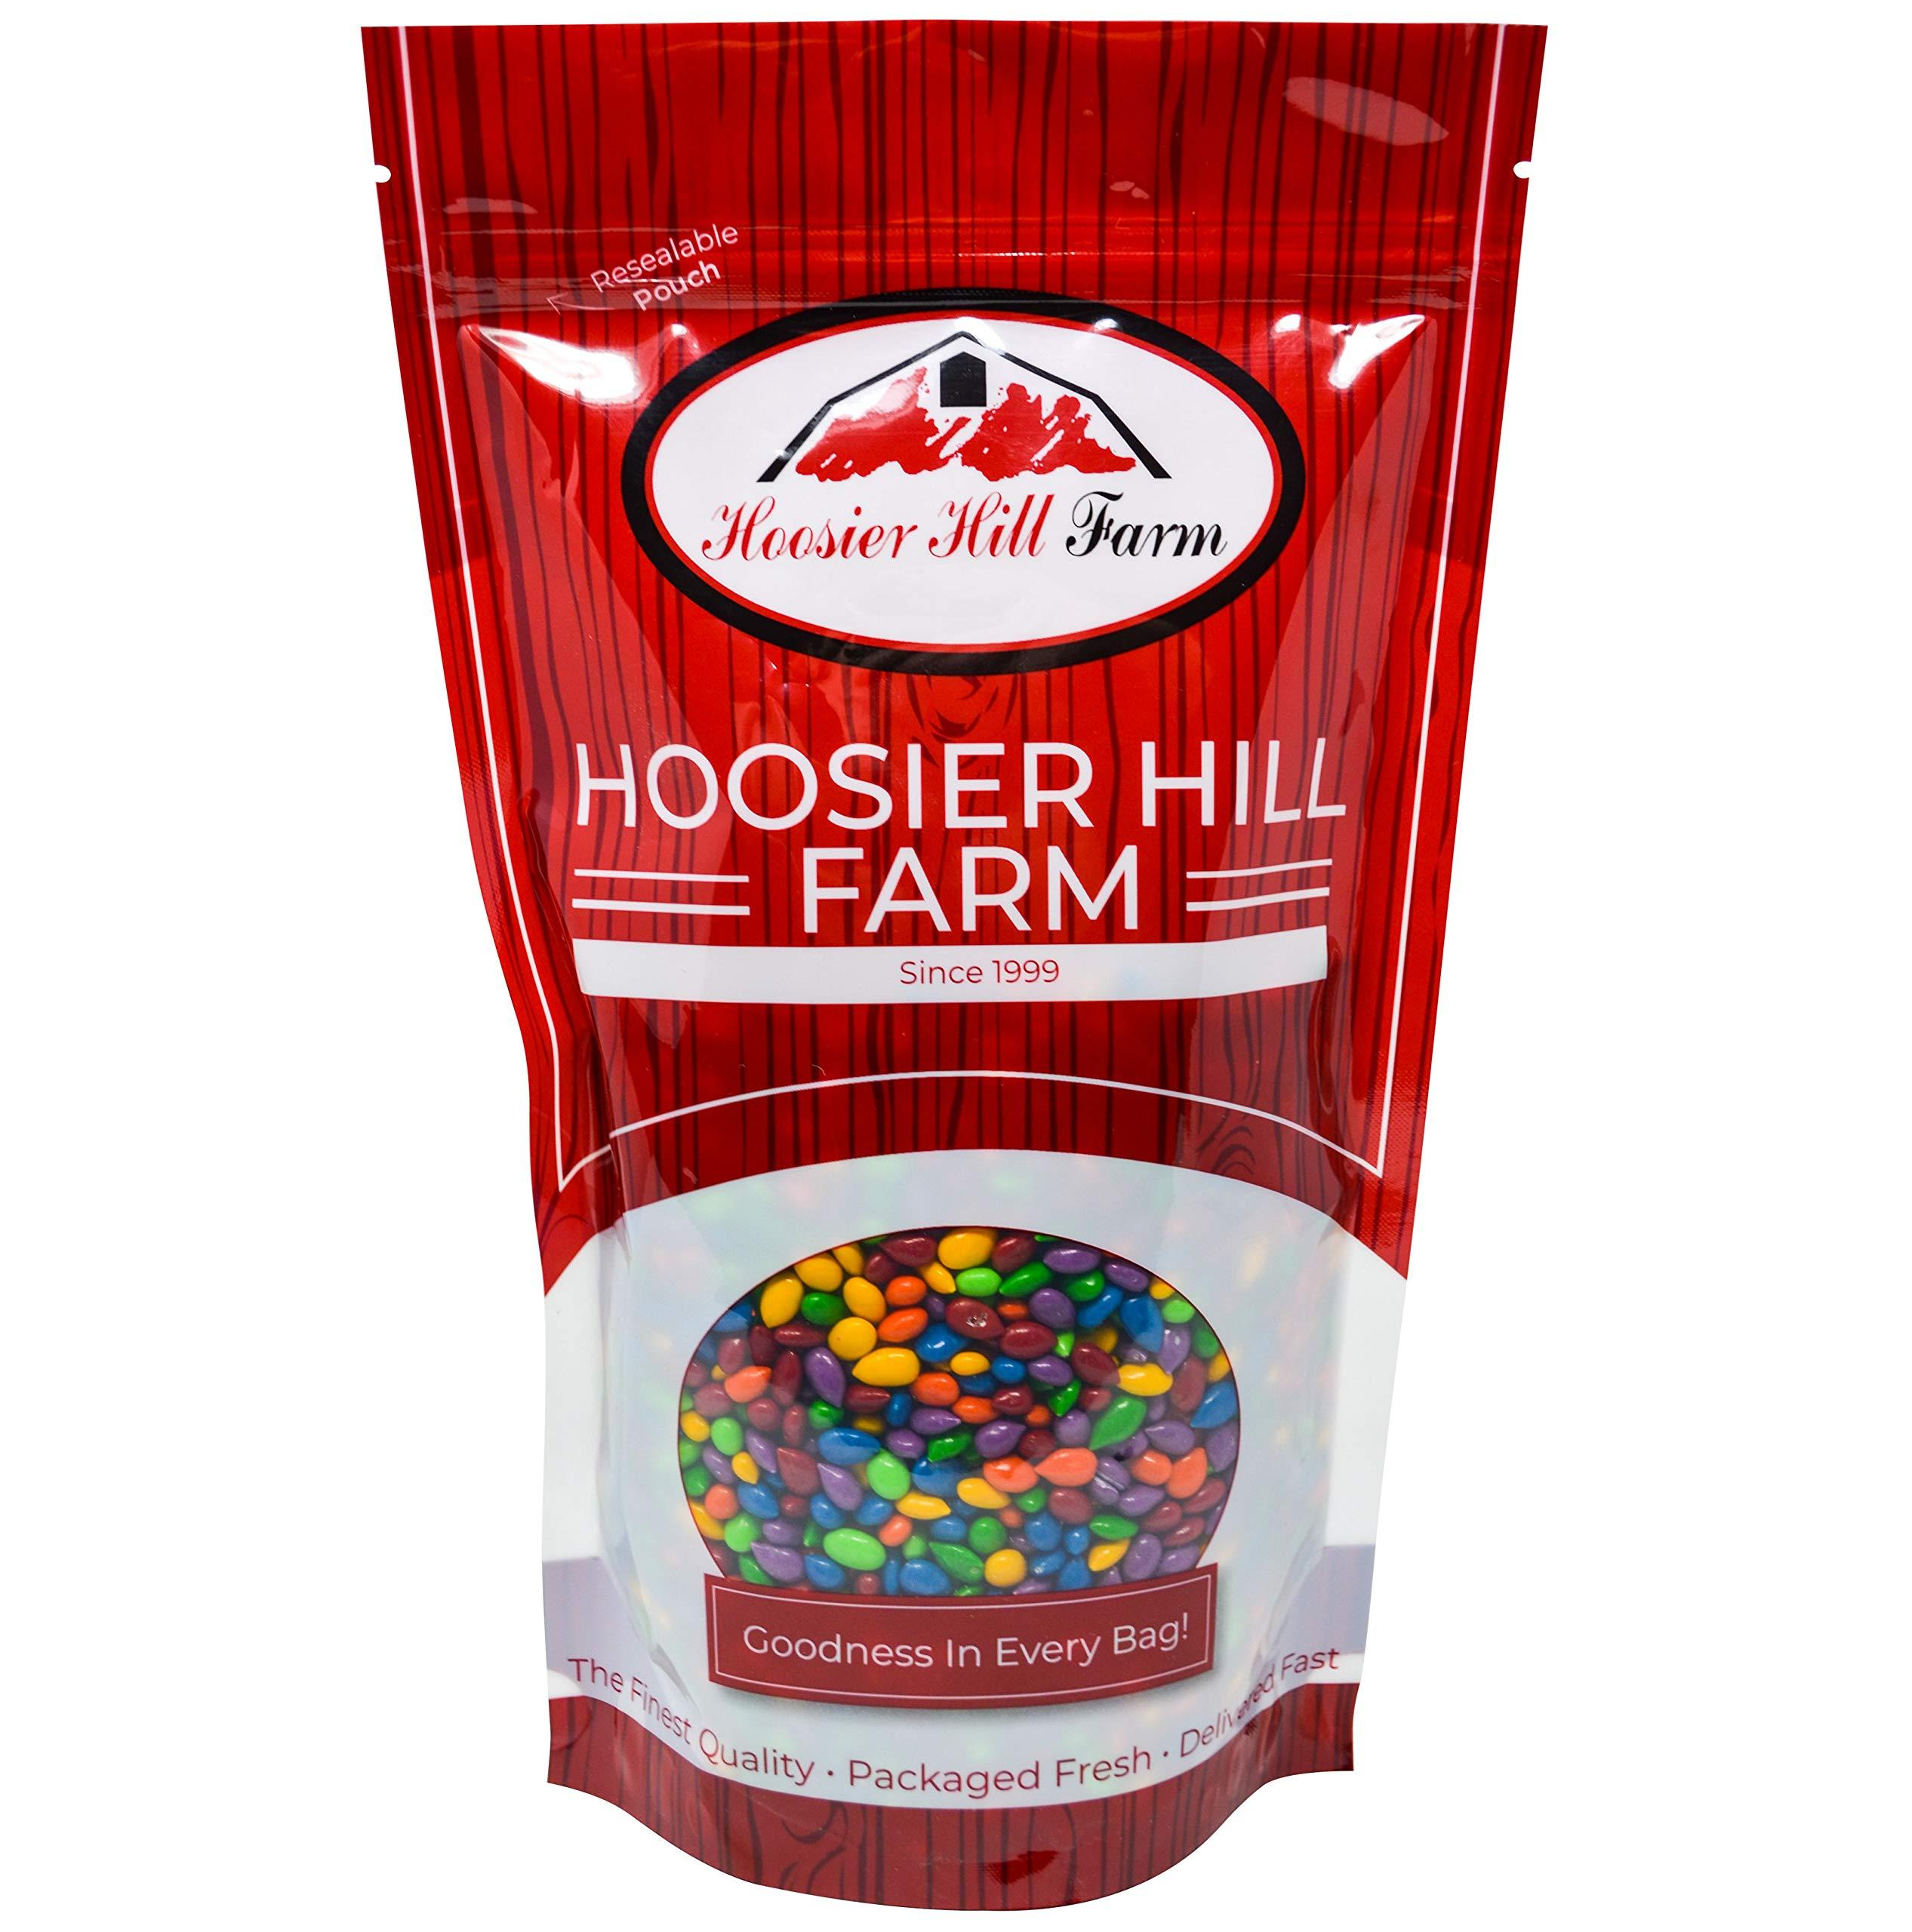 Hoosier Hill Farm Rainbow Seeds, Chocolate Covered & Candy Coated Sunflower Seeds, 80 Ounce by Hoosier Hill Farm